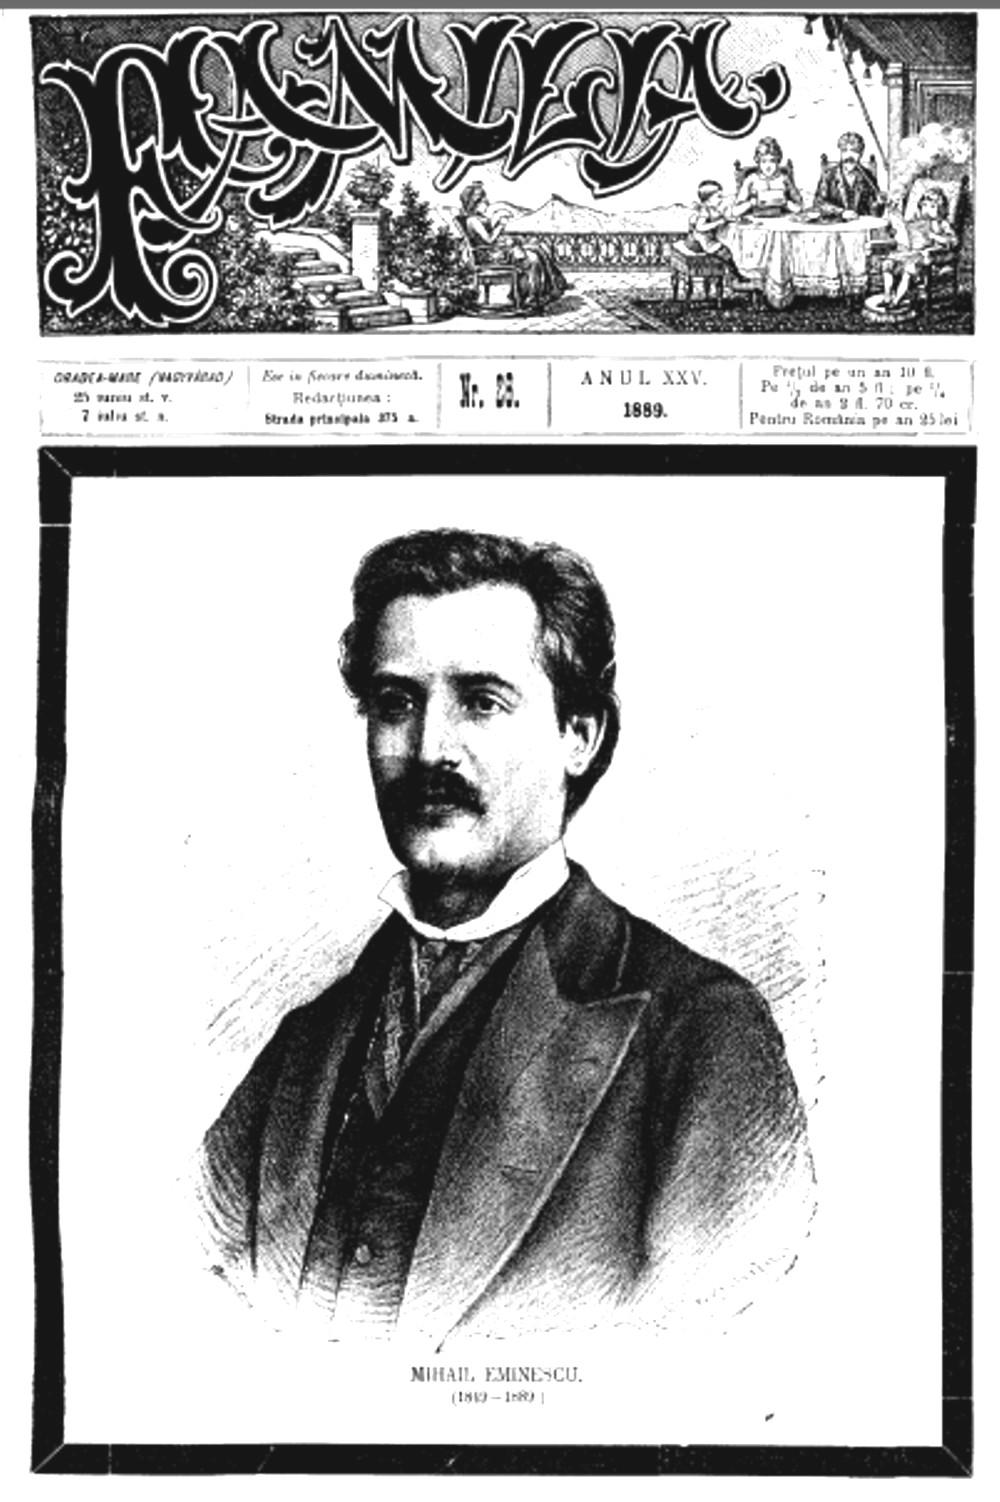 Familia 1889 Eminescu